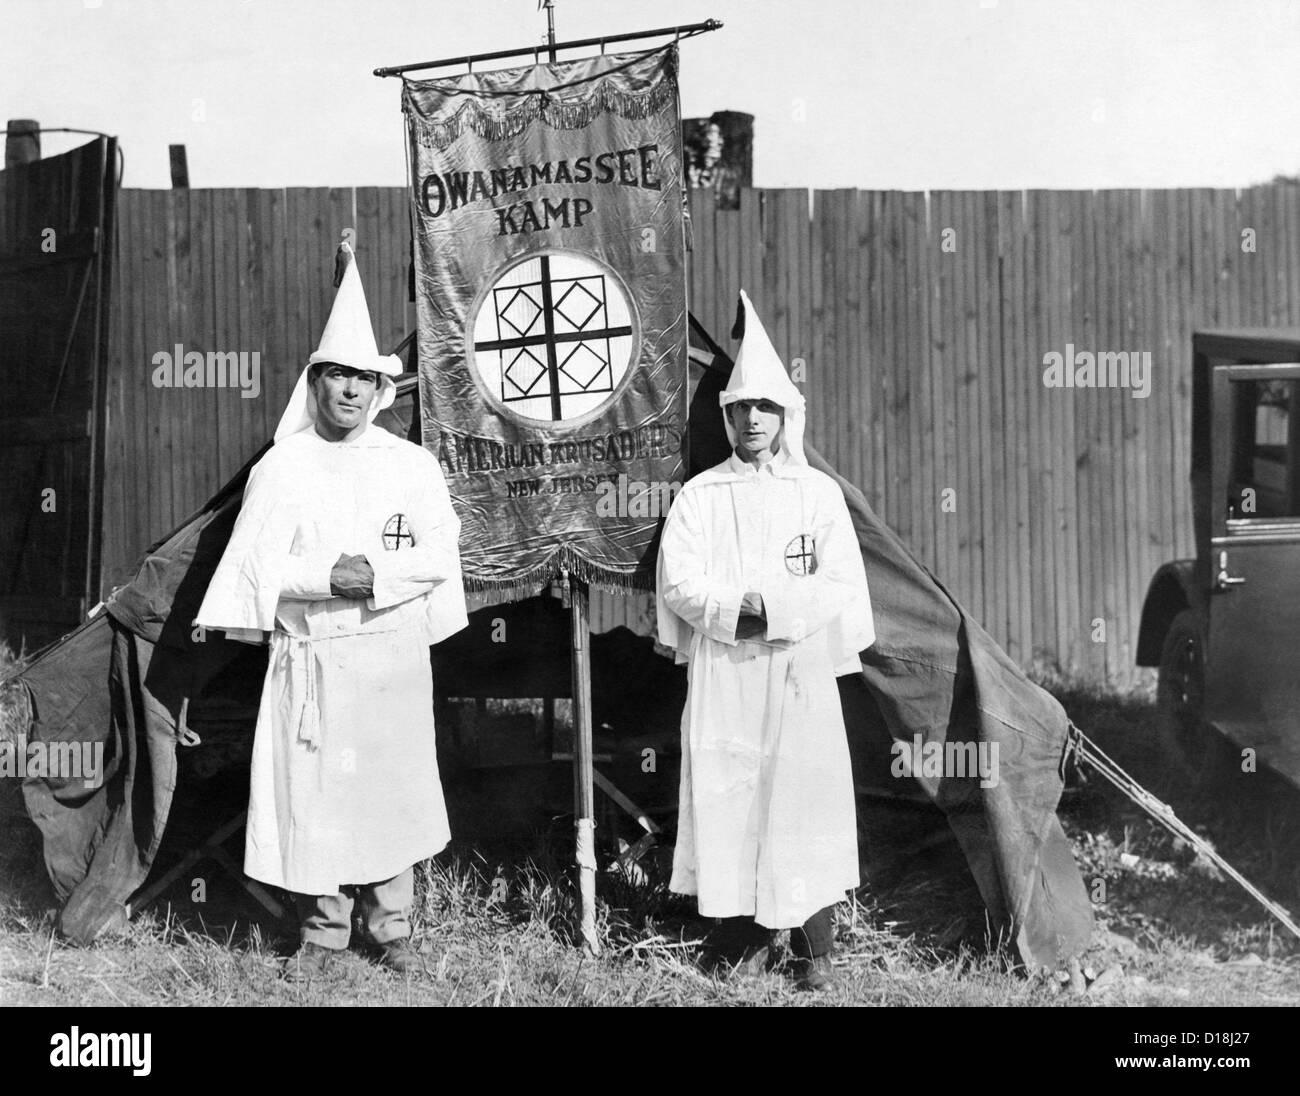 Les premières arrivées du Ku Klux Klan ont installé leur tente sur la banlieue de Washington, DC. Photo Stock